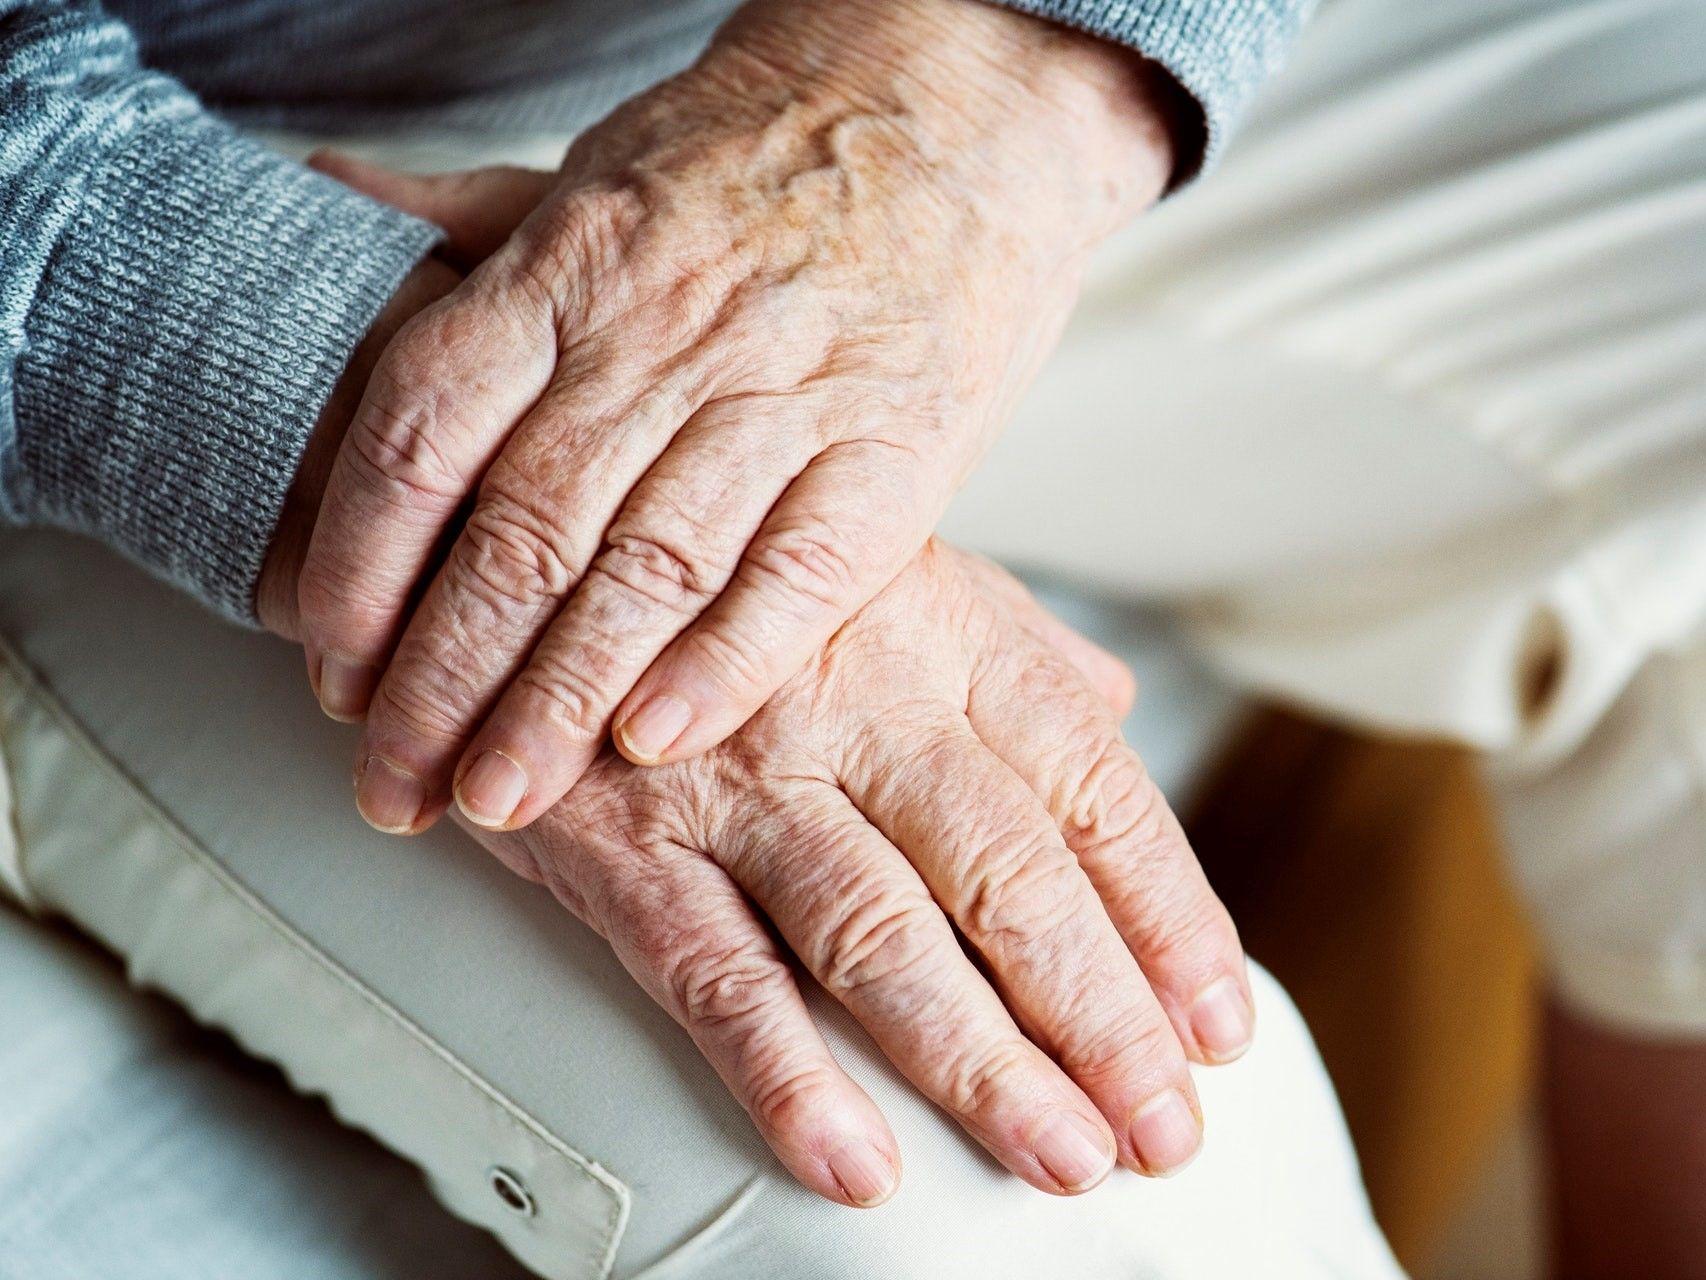 foggia-assistenza-anziani